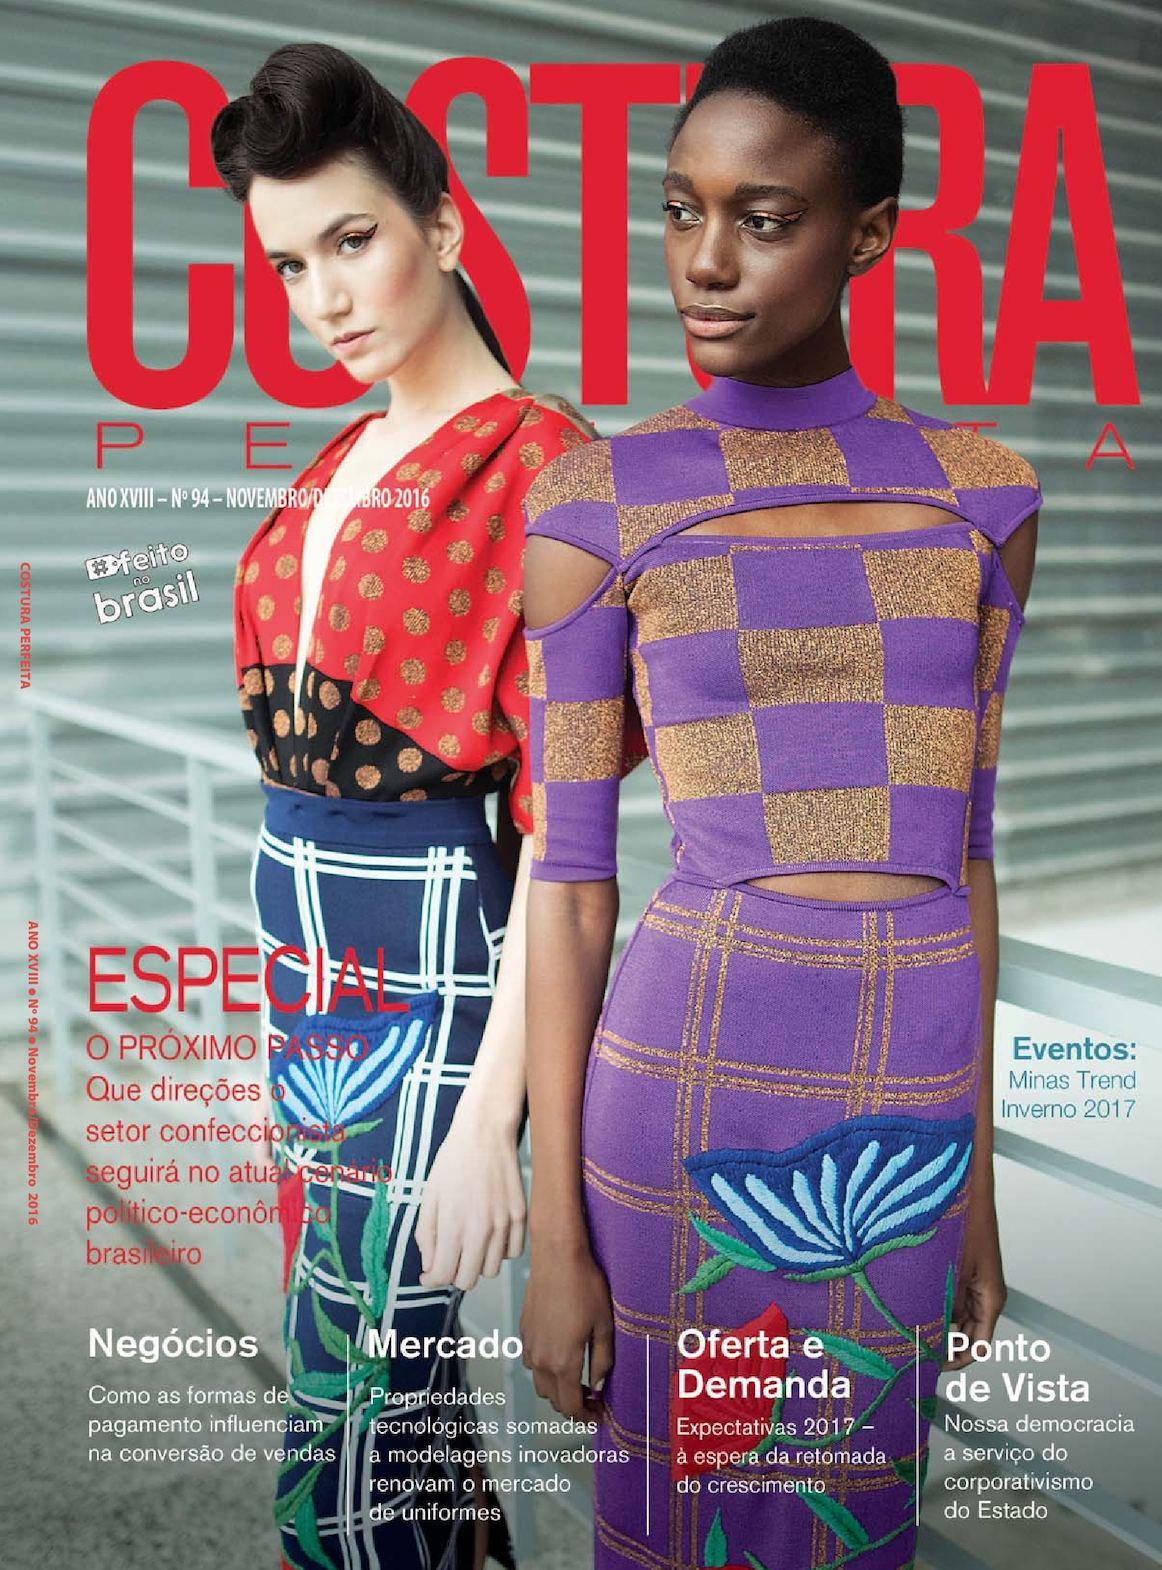 6a68728ec63e Calaméo - Revista Costura Perfeita Edição Ano XVIII - N94 - Novembro -  Dezembro 2016